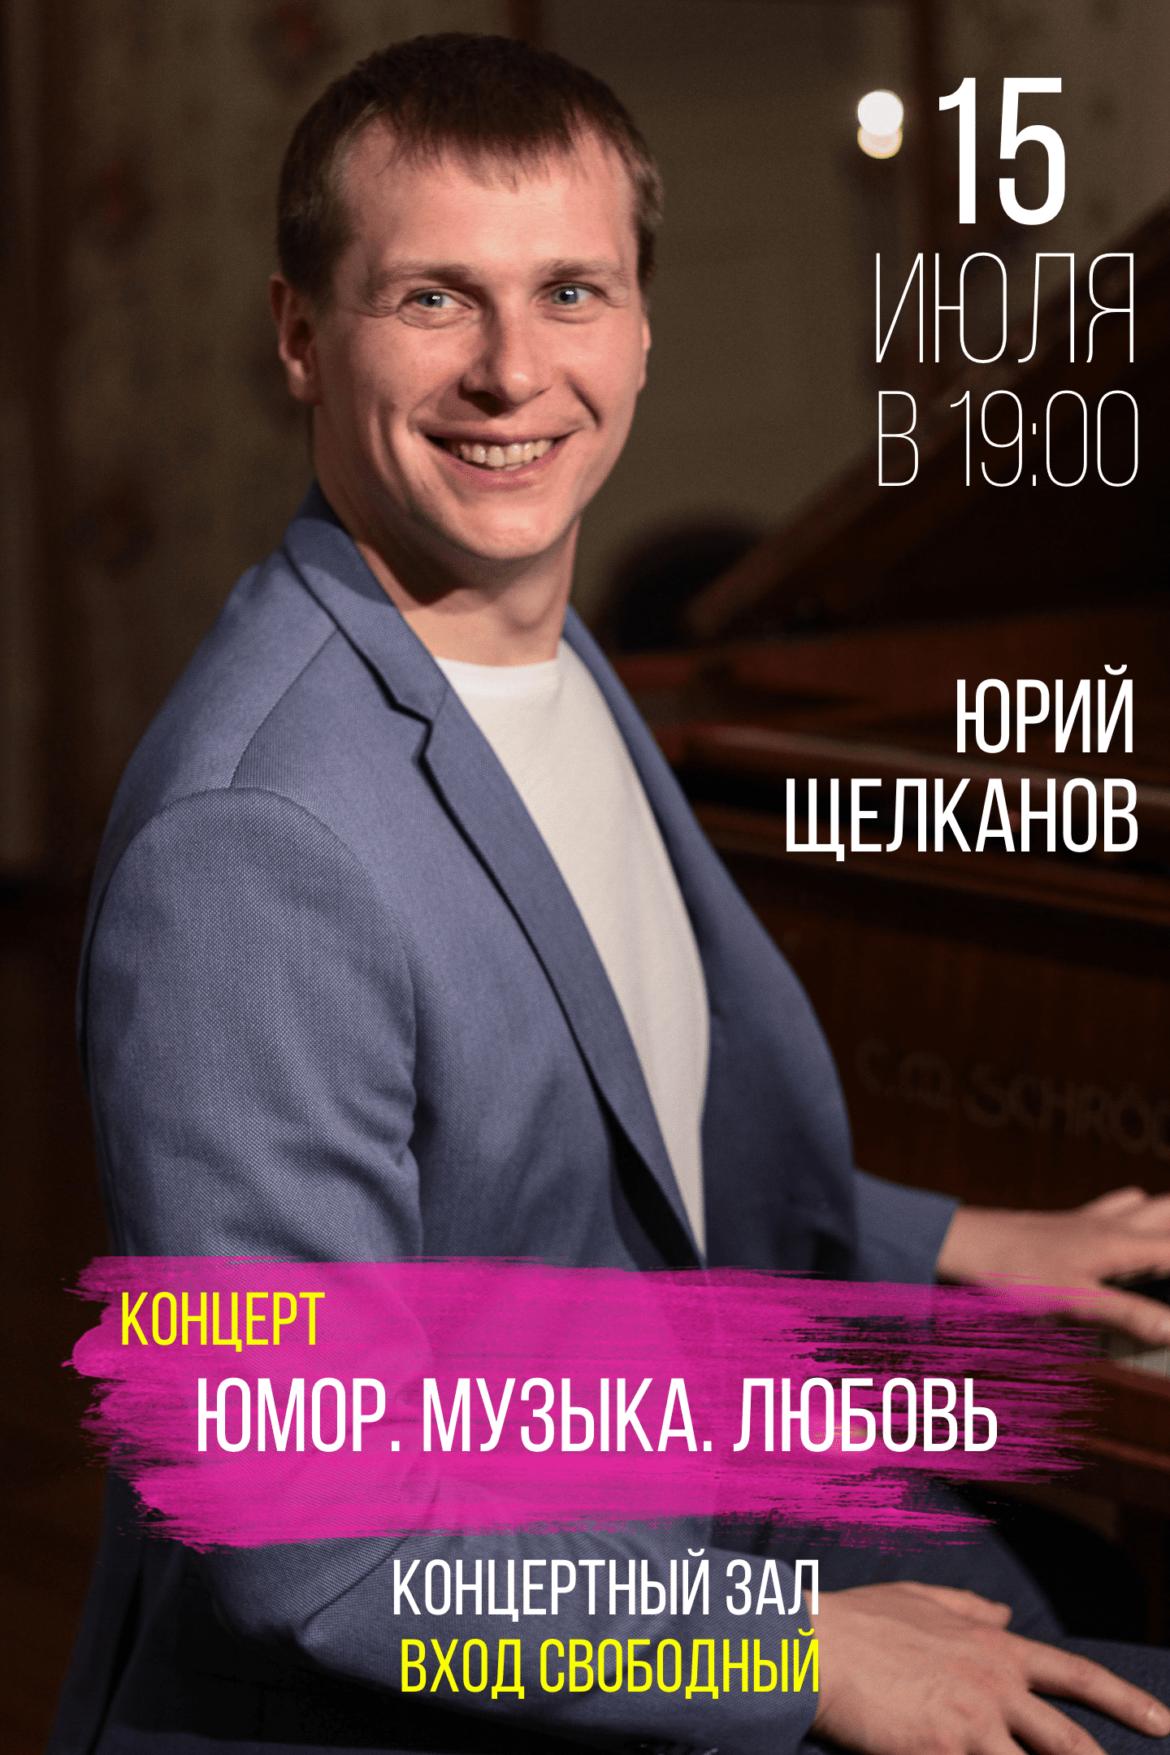 15 июля – Концерт «Юмор.Музыка.Любовь»